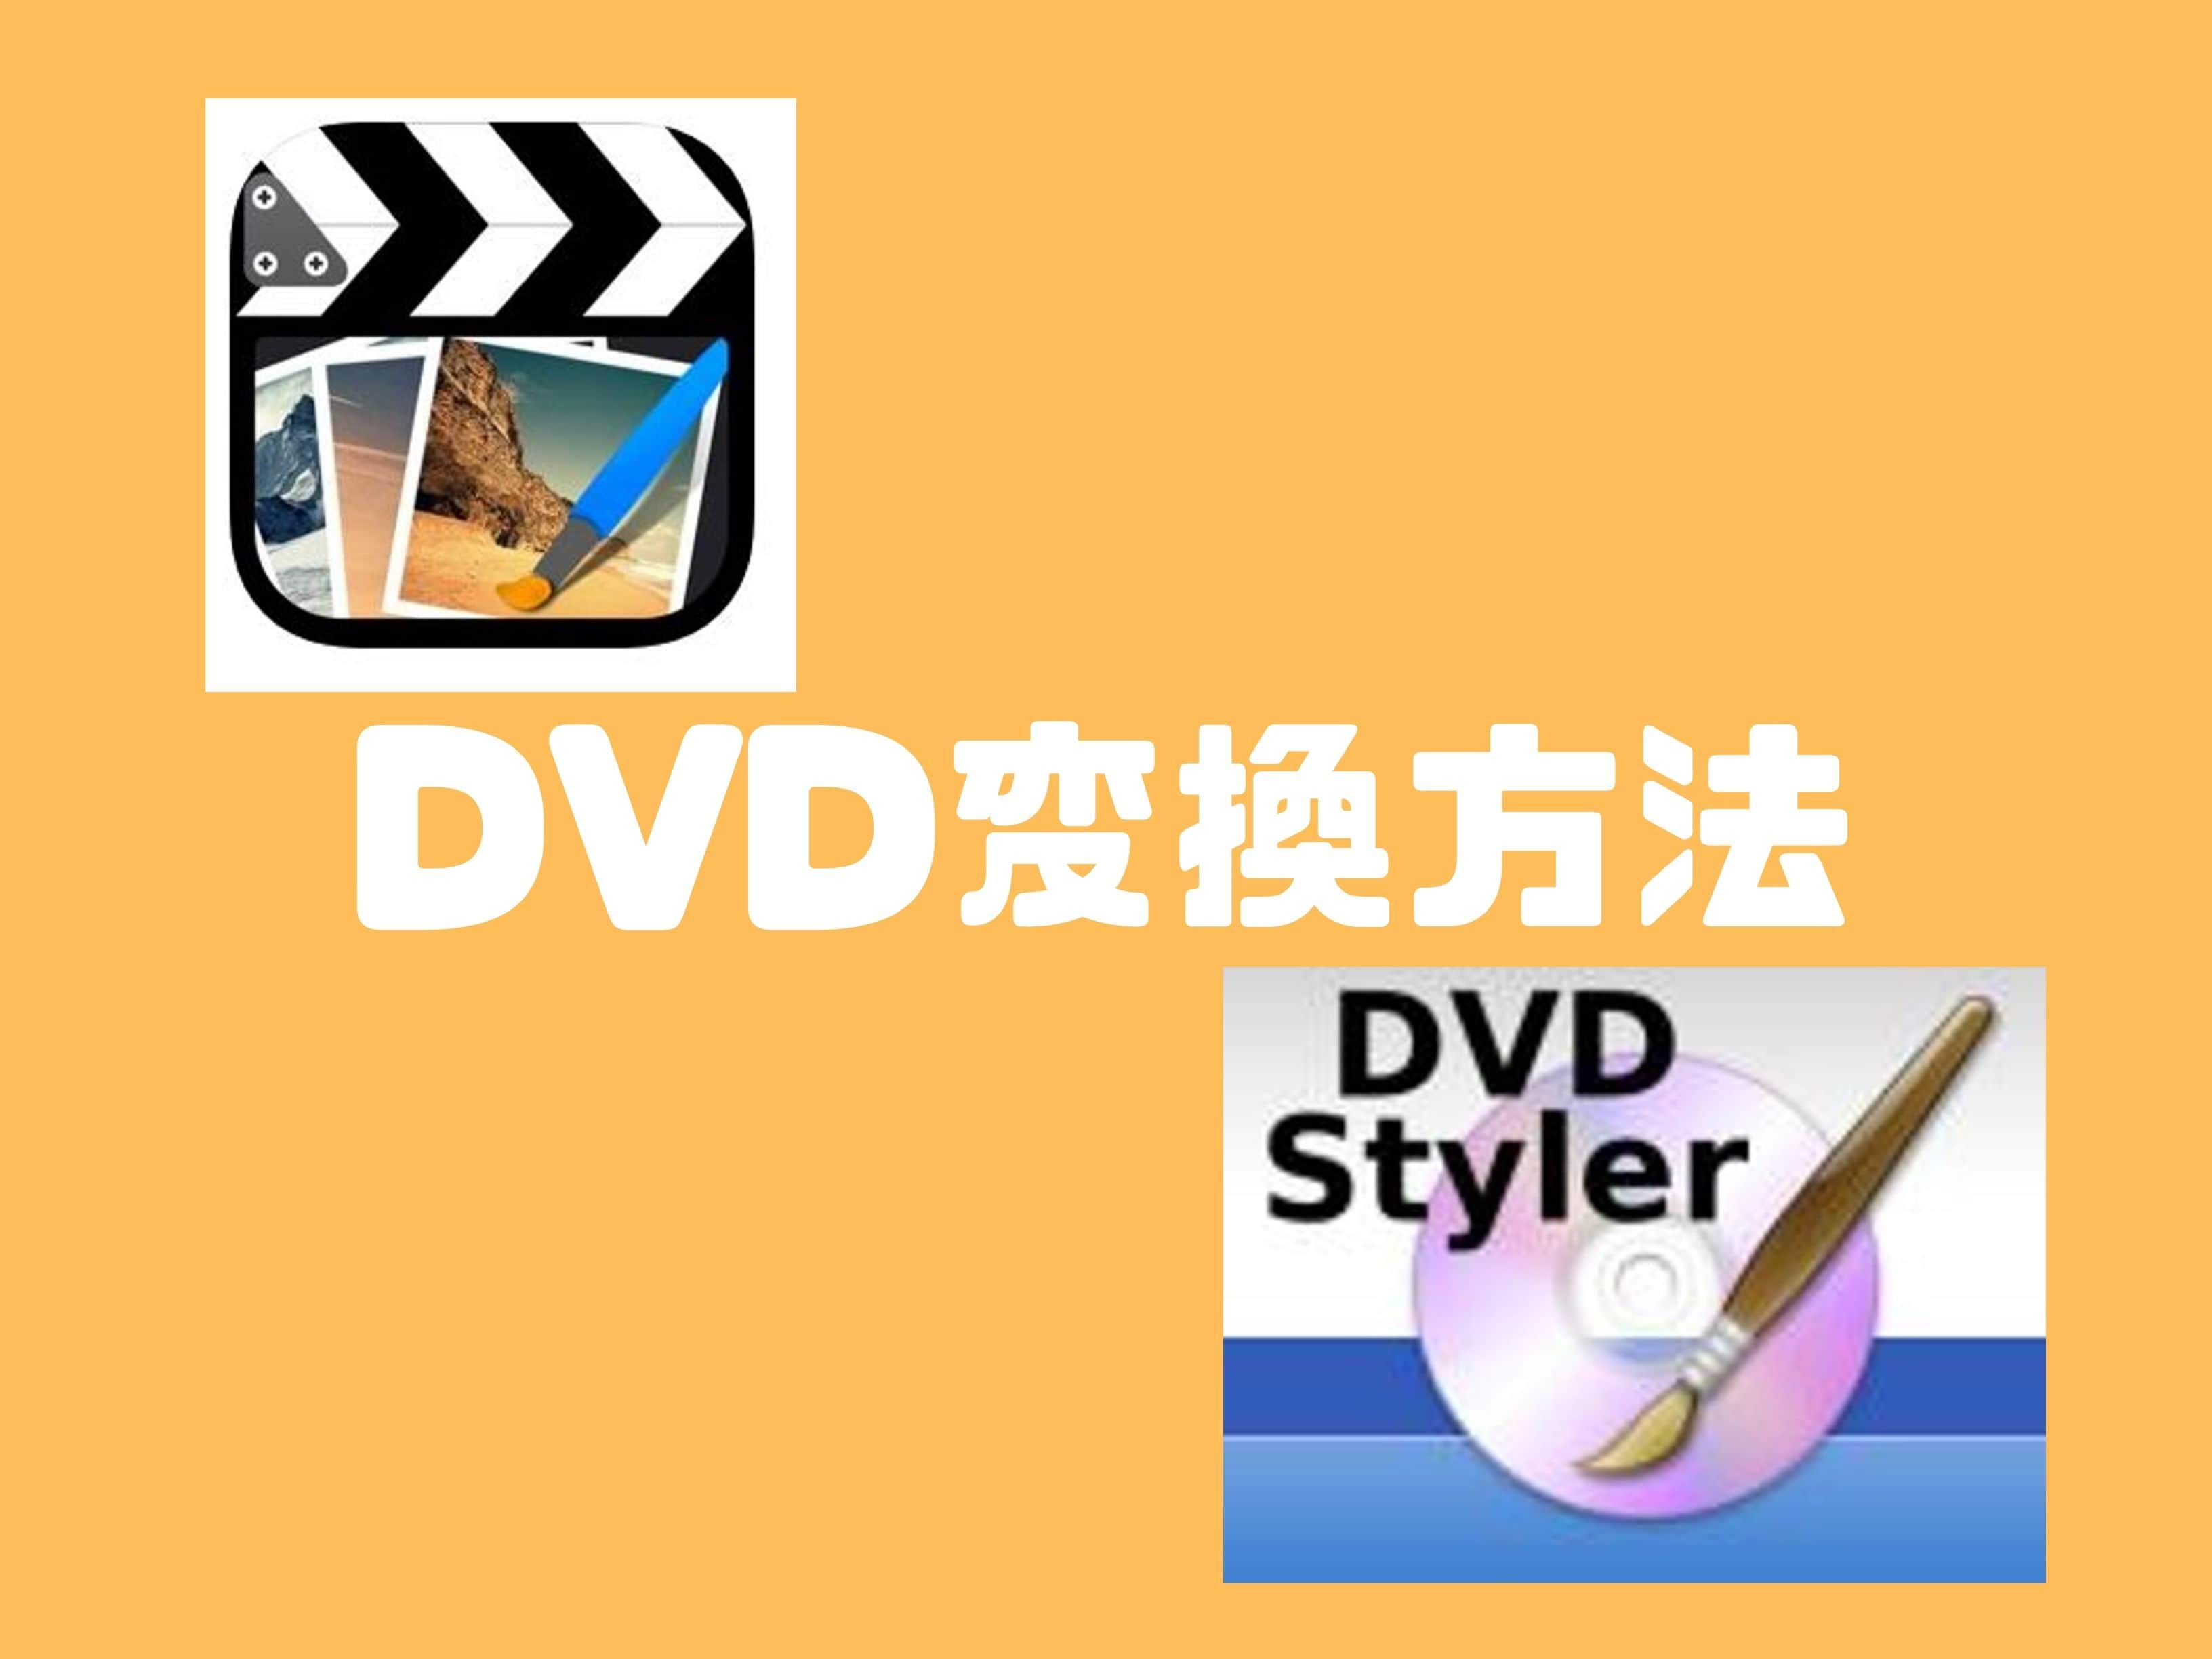 【無料】キュートカットで作った動画を家庭用DVDプレーヤーで見る方法